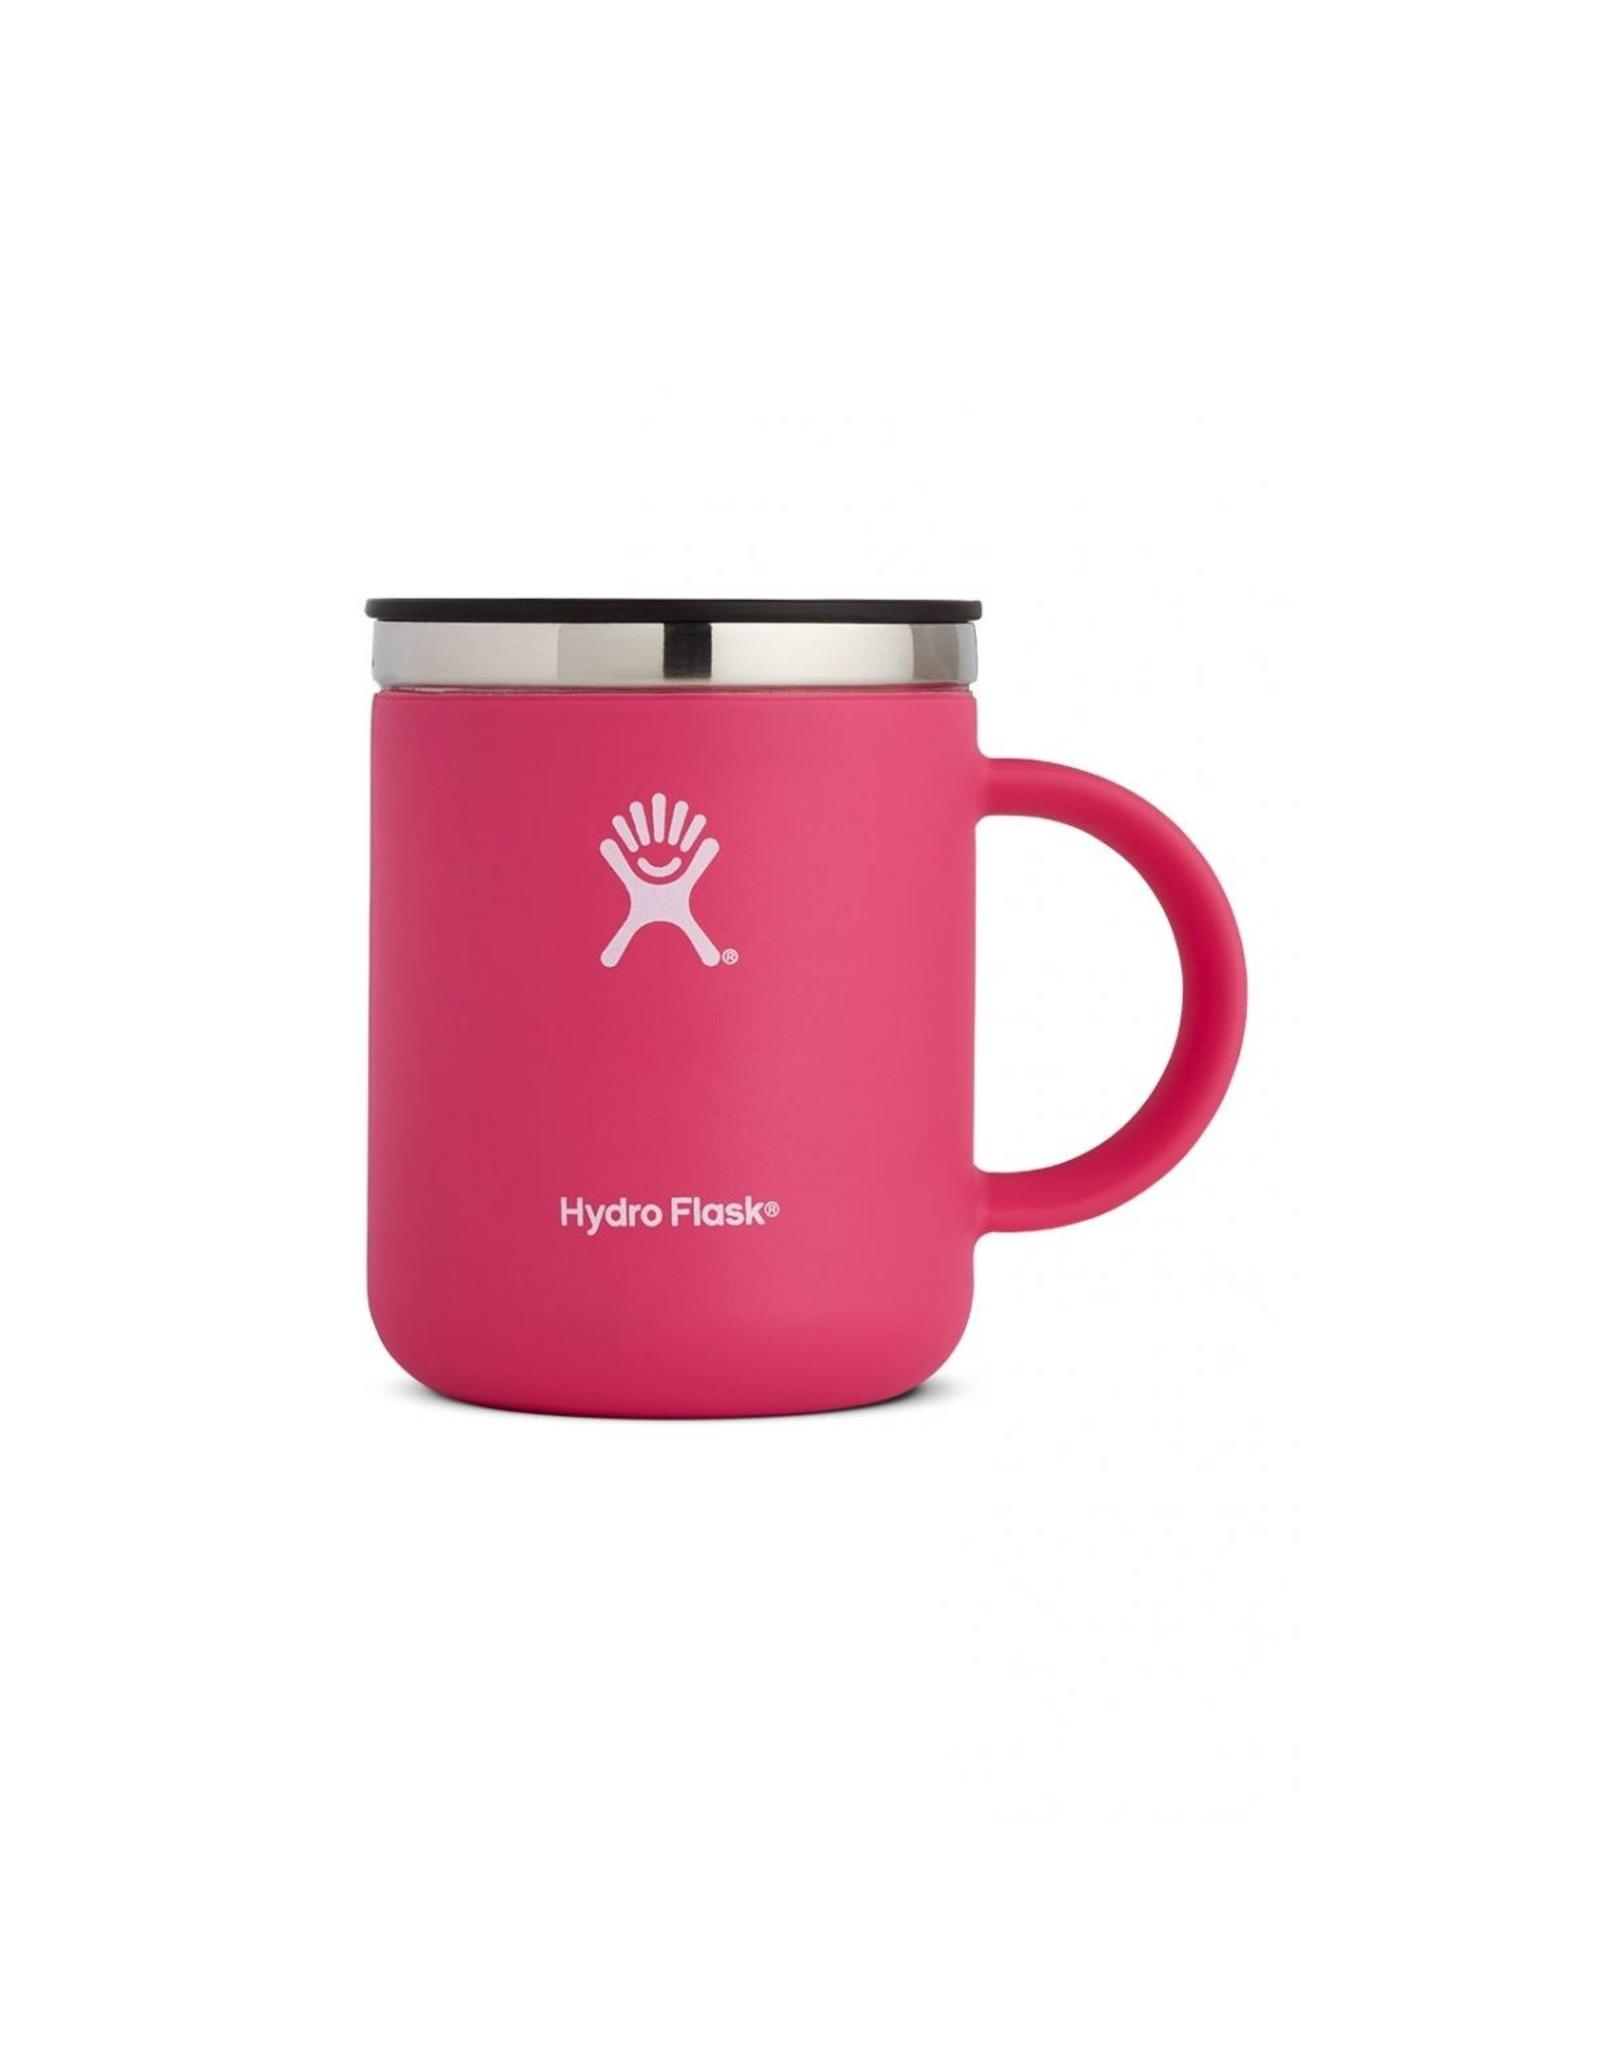 Hydro Flask Hydro Flask 12oz Coffee Mug Watermelon